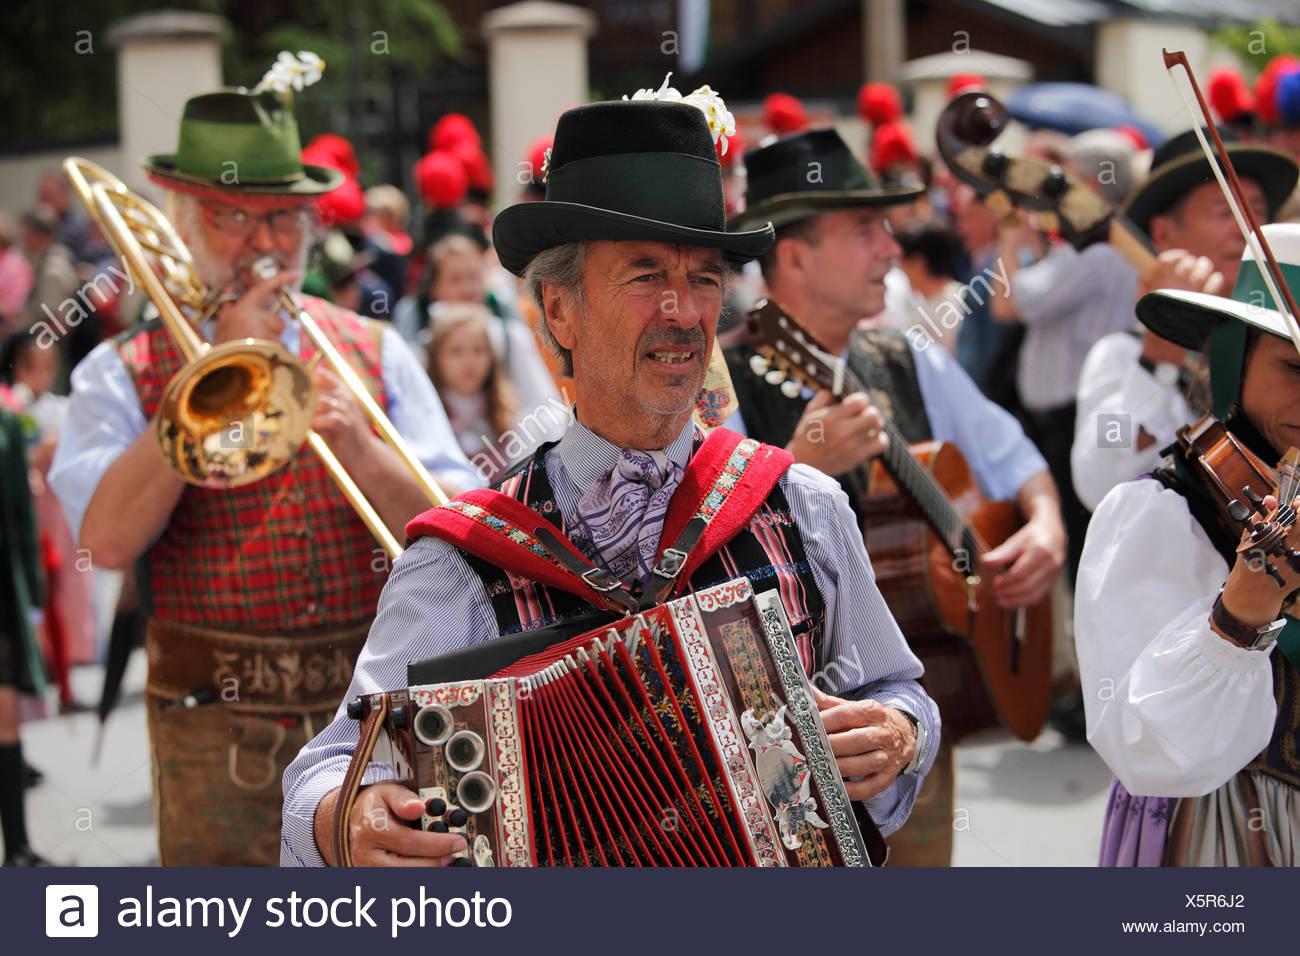 Volkstümliche Bank, Narzissenfest Narcissus-Festival in Bad Aussee, Ausseer Land, Salzkammergut, Steiermark, Österreich, Europa Stockbild